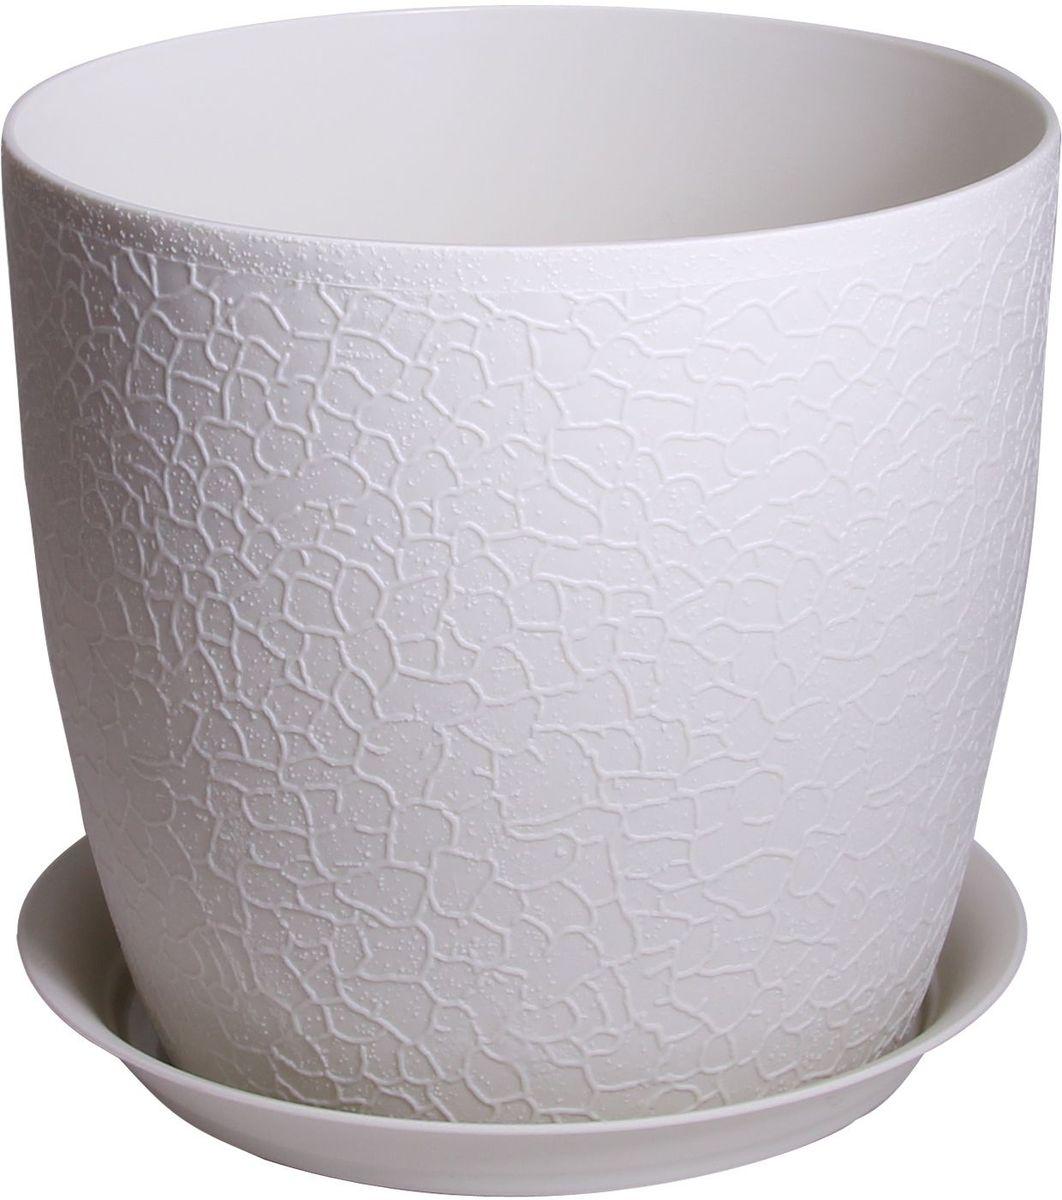 Кашпо Idea Верона, с подставкой, цвет: белый, диаметр 14 смМ 3095Кашпо Idea Верона изготовлено из полипропилена (пластика). Специальная подставка предназначена для стока воды. Изделие прекрасно подходит для выращивания растений и цветов в домашних условиях.Диаметр кашпо: 14 см.Высота кашпо: 12,6 см.